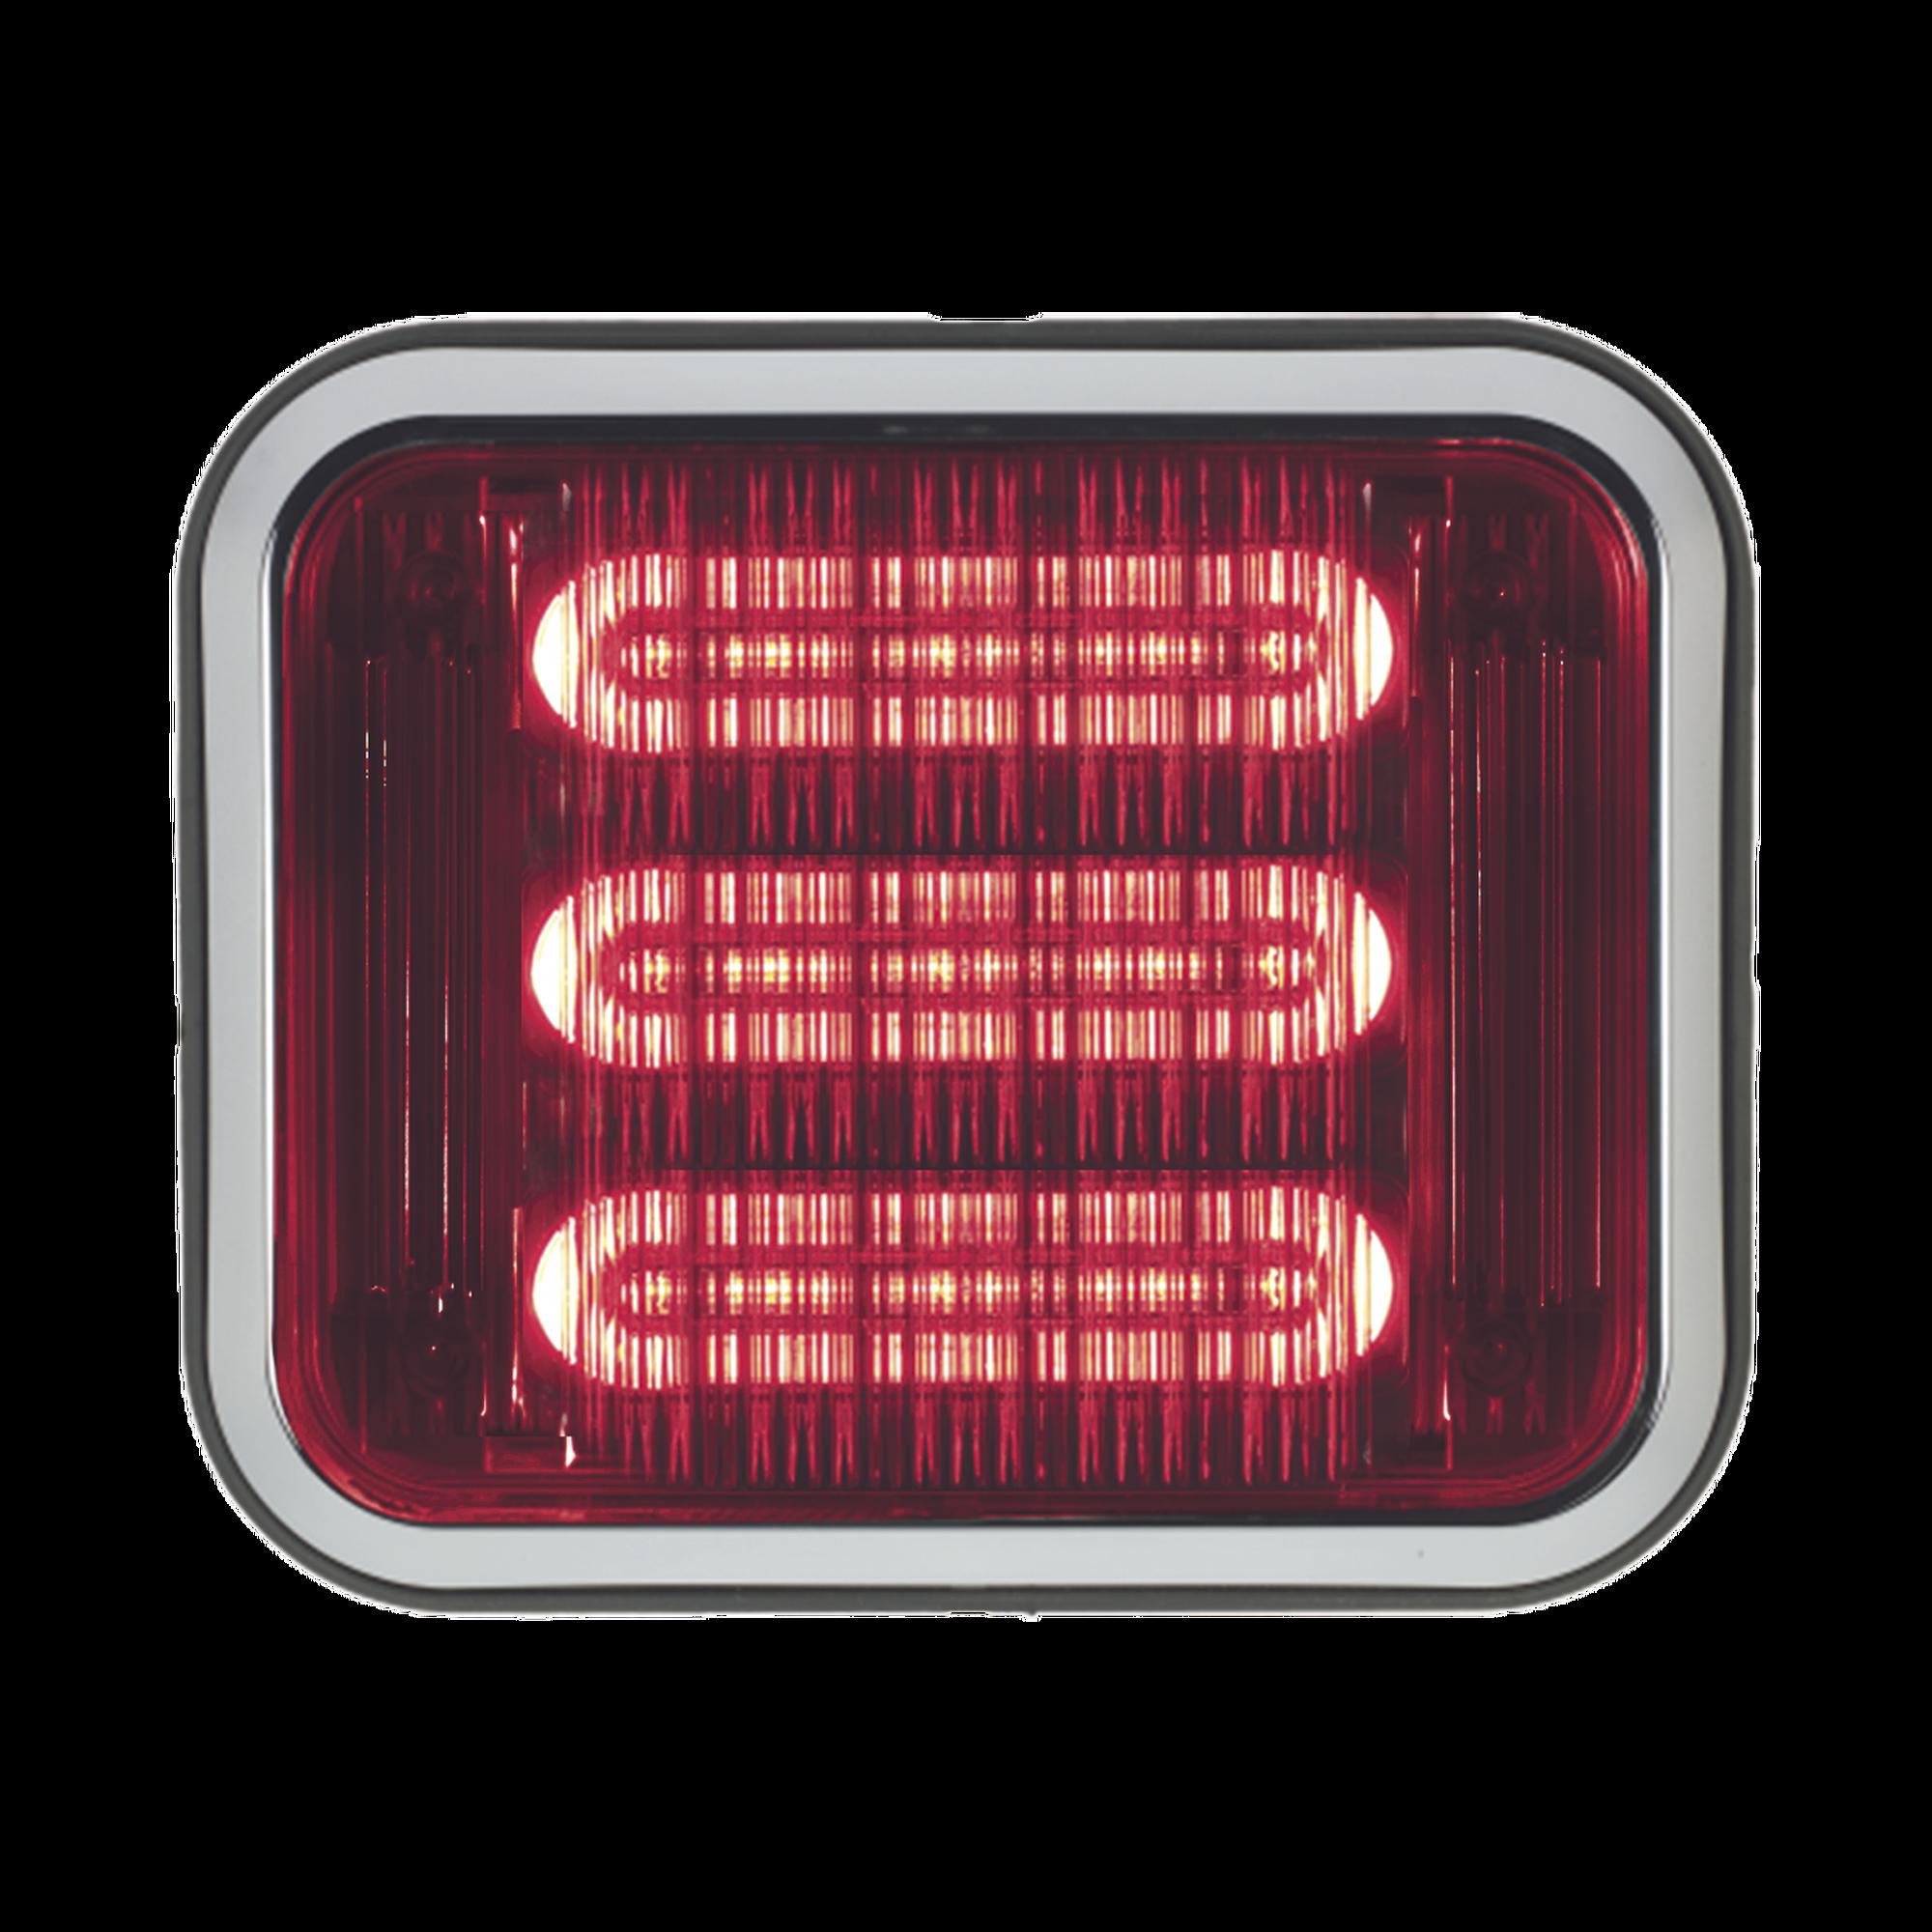 Luz perimetral LED PriZm ? II de 7x9 con bisel, lente y LED de color rojo